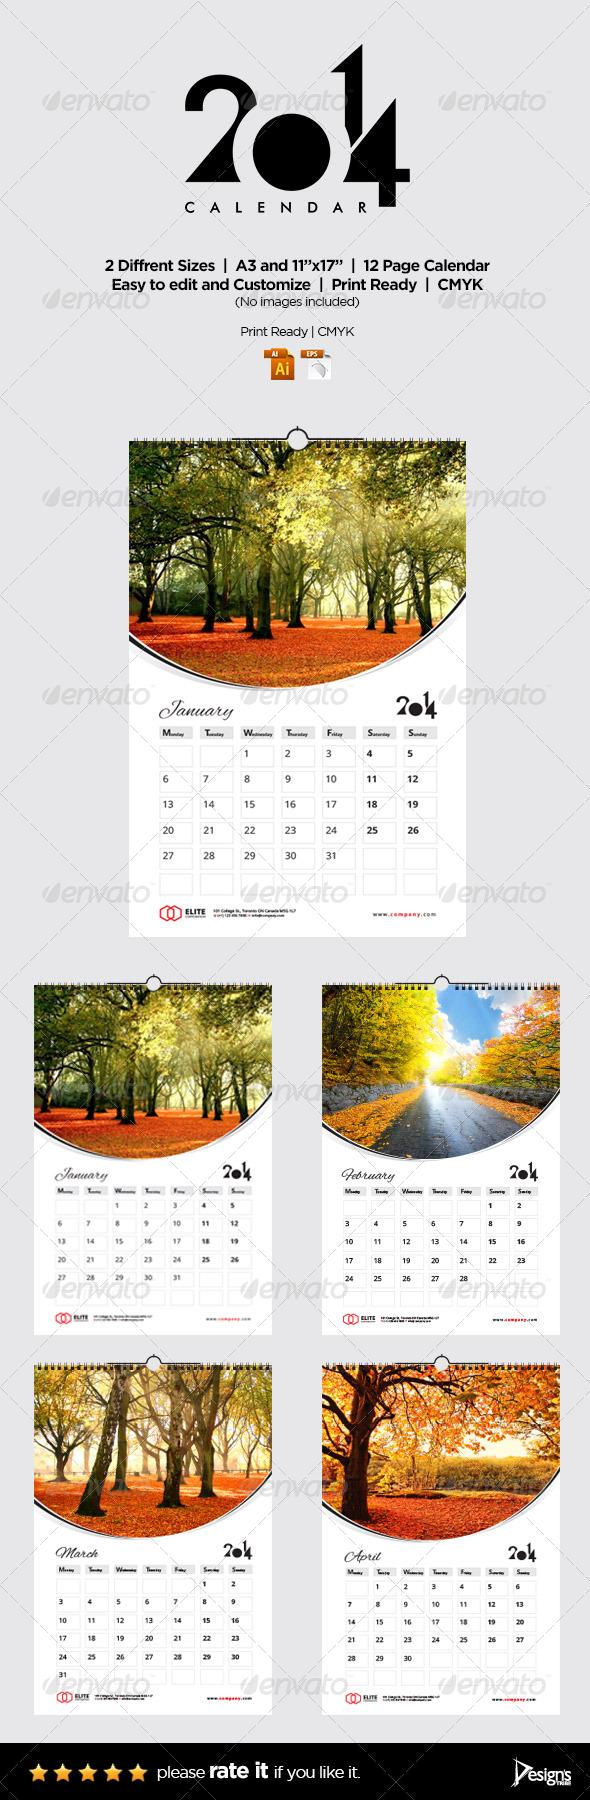 GraphicRiver Wall Calendar 2014 Vol 2 6342105